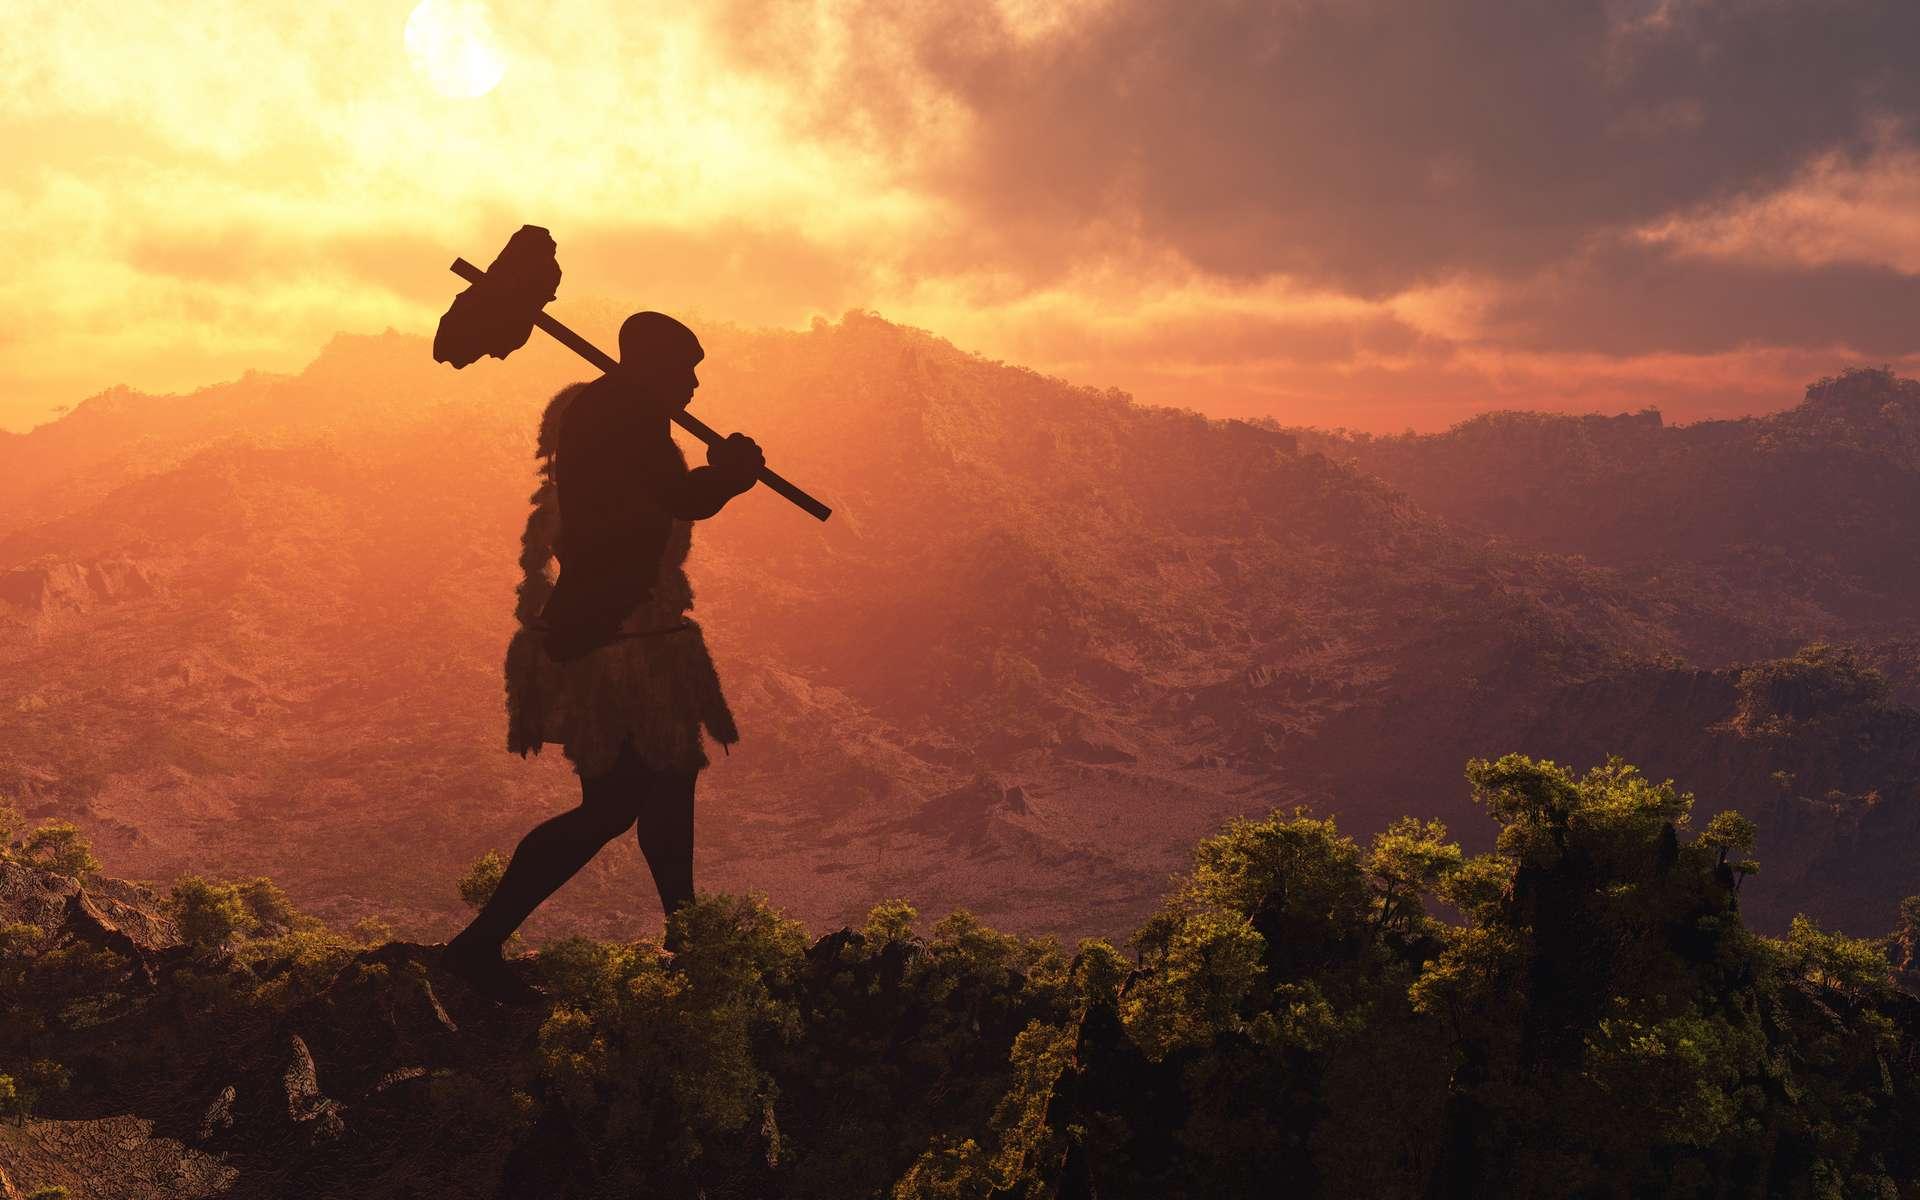 Il y a 70 000 ans, les Néandertaliens exploitaient intensément les lapins pour leur viande et leur fourrure. © Kovalenko I, Adobe Stock